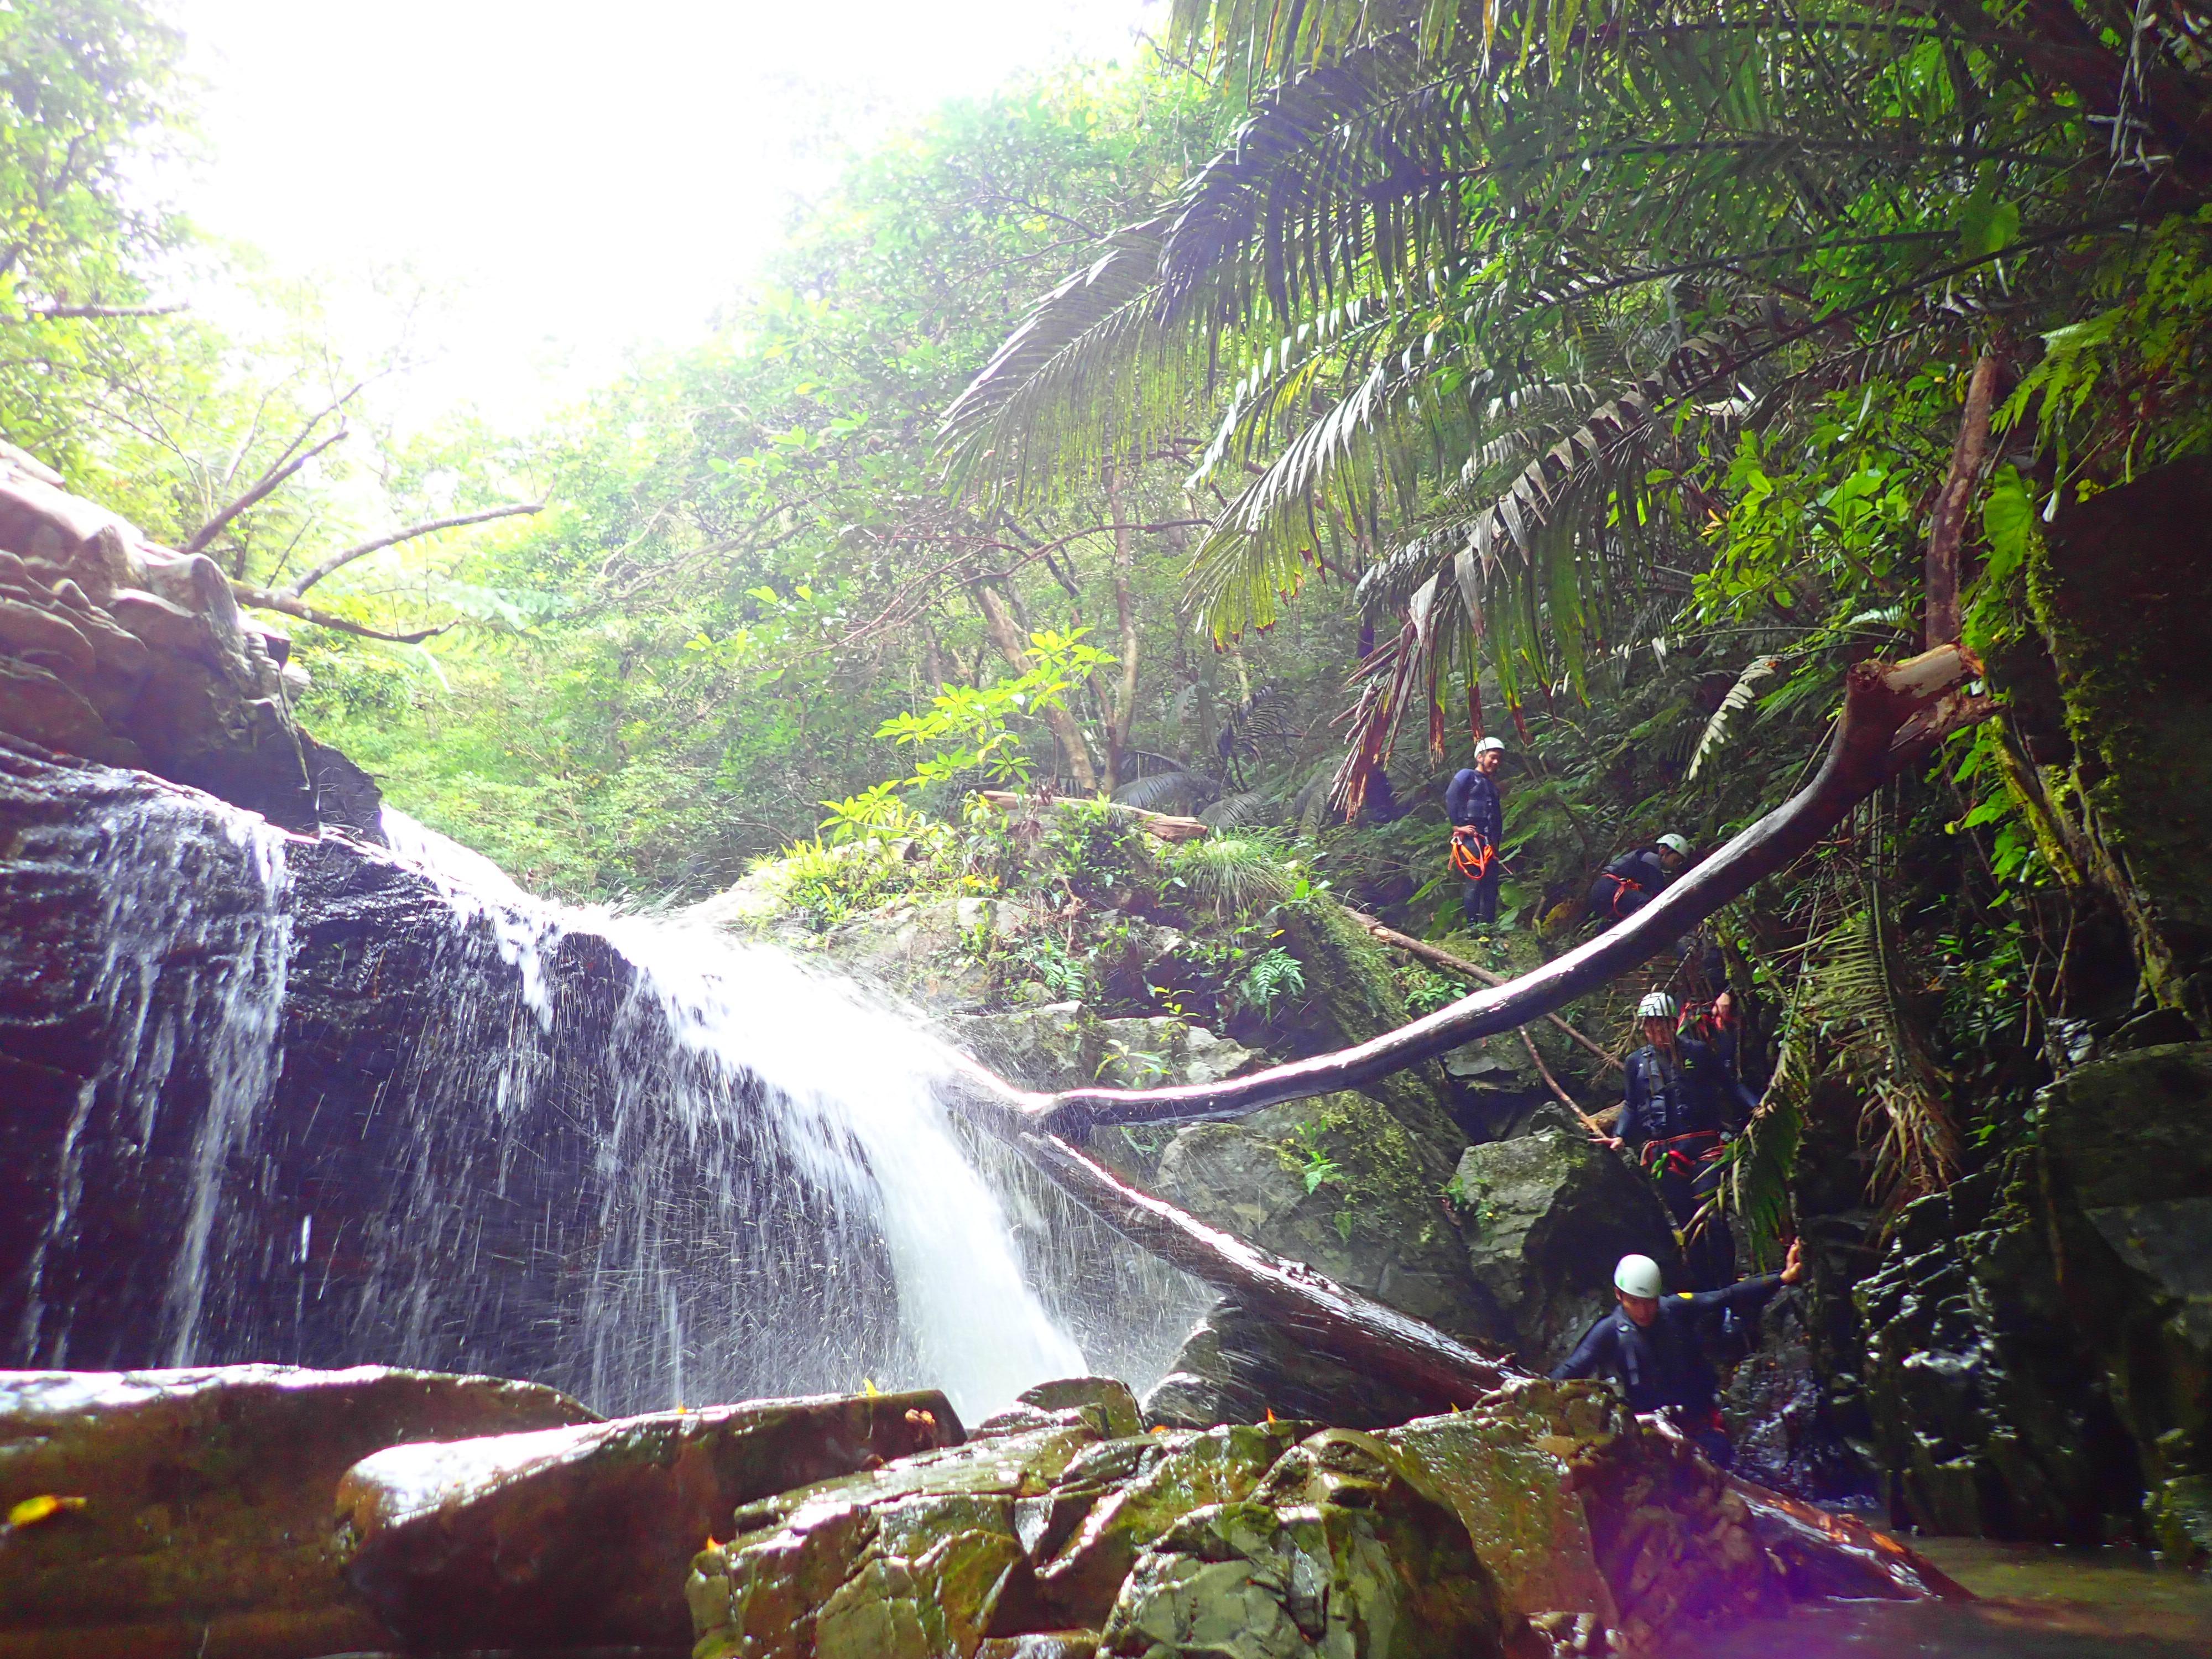 沖縄の名護のやんばるでシャワークライミングツアーに参加し滝を降りる